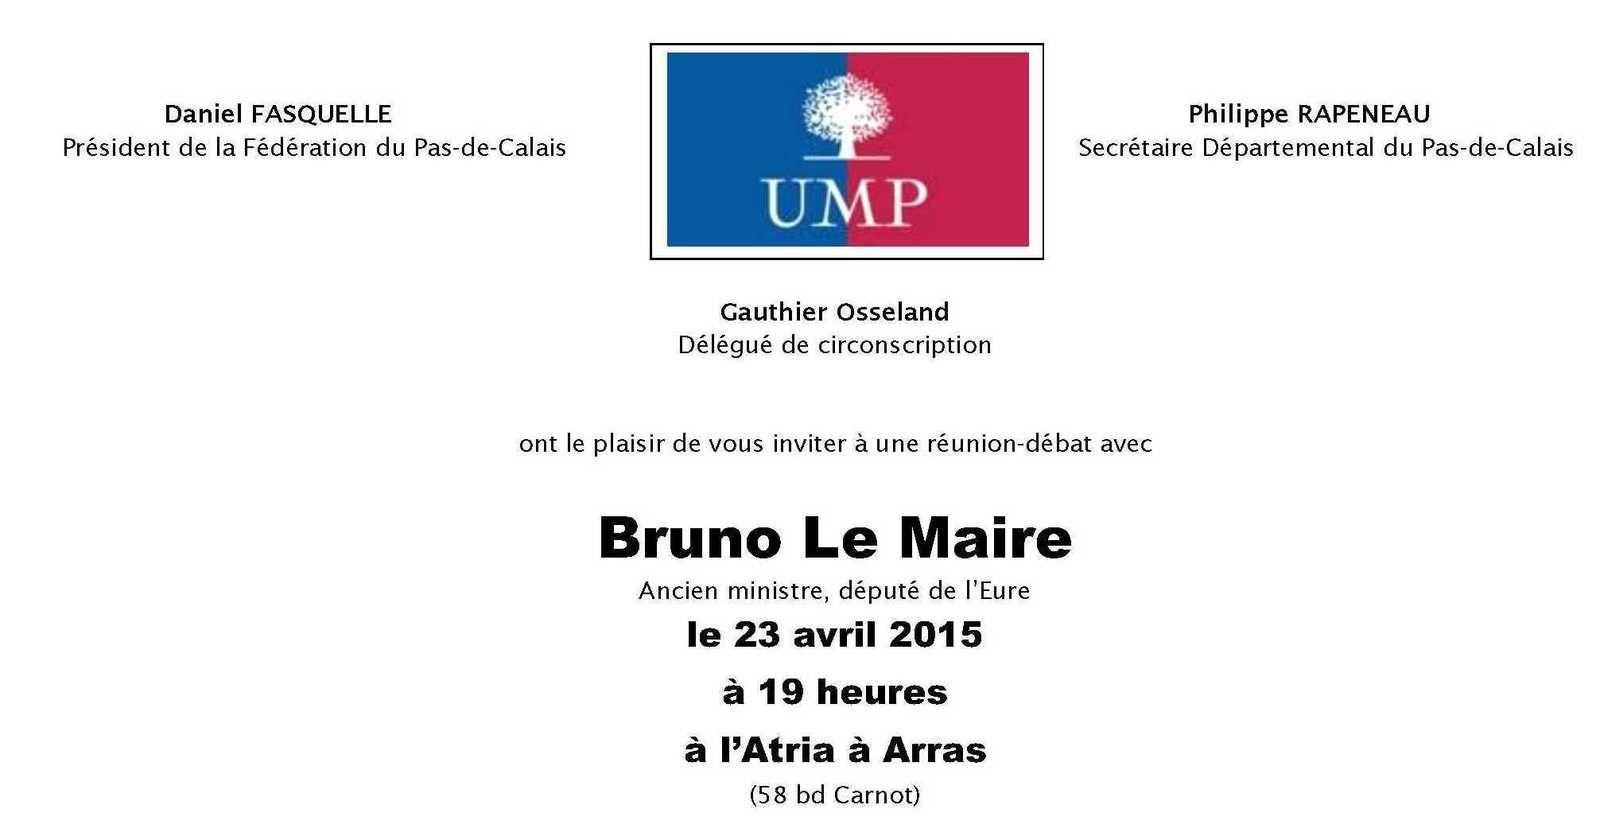 Réunion avec Bruno le Maire à Arras le 23 avril 2015